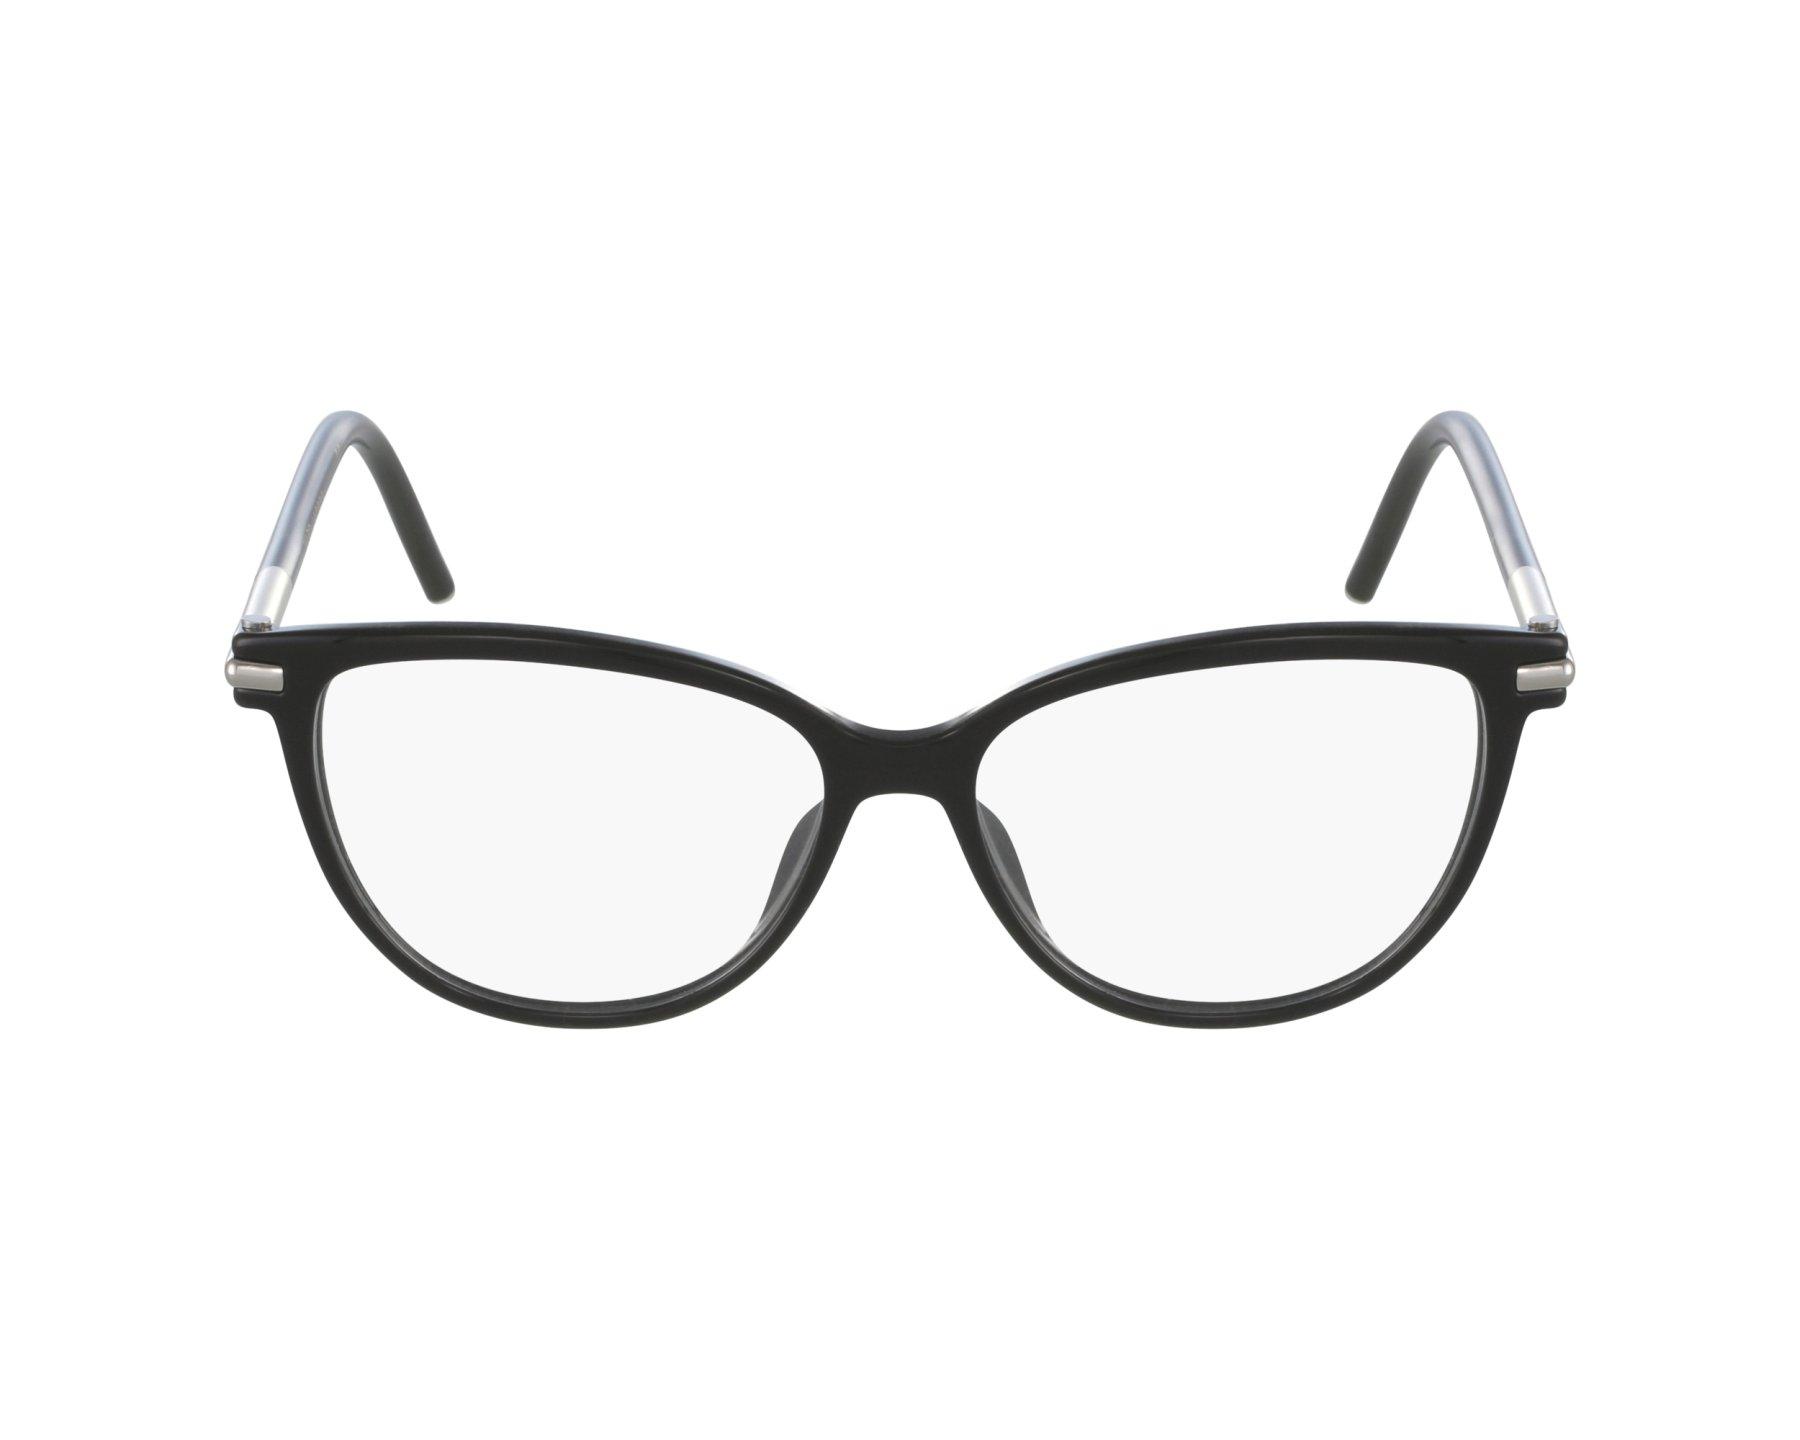 Marc Jacobs Brille MARC-50 D28 Schwarz - Gläser: